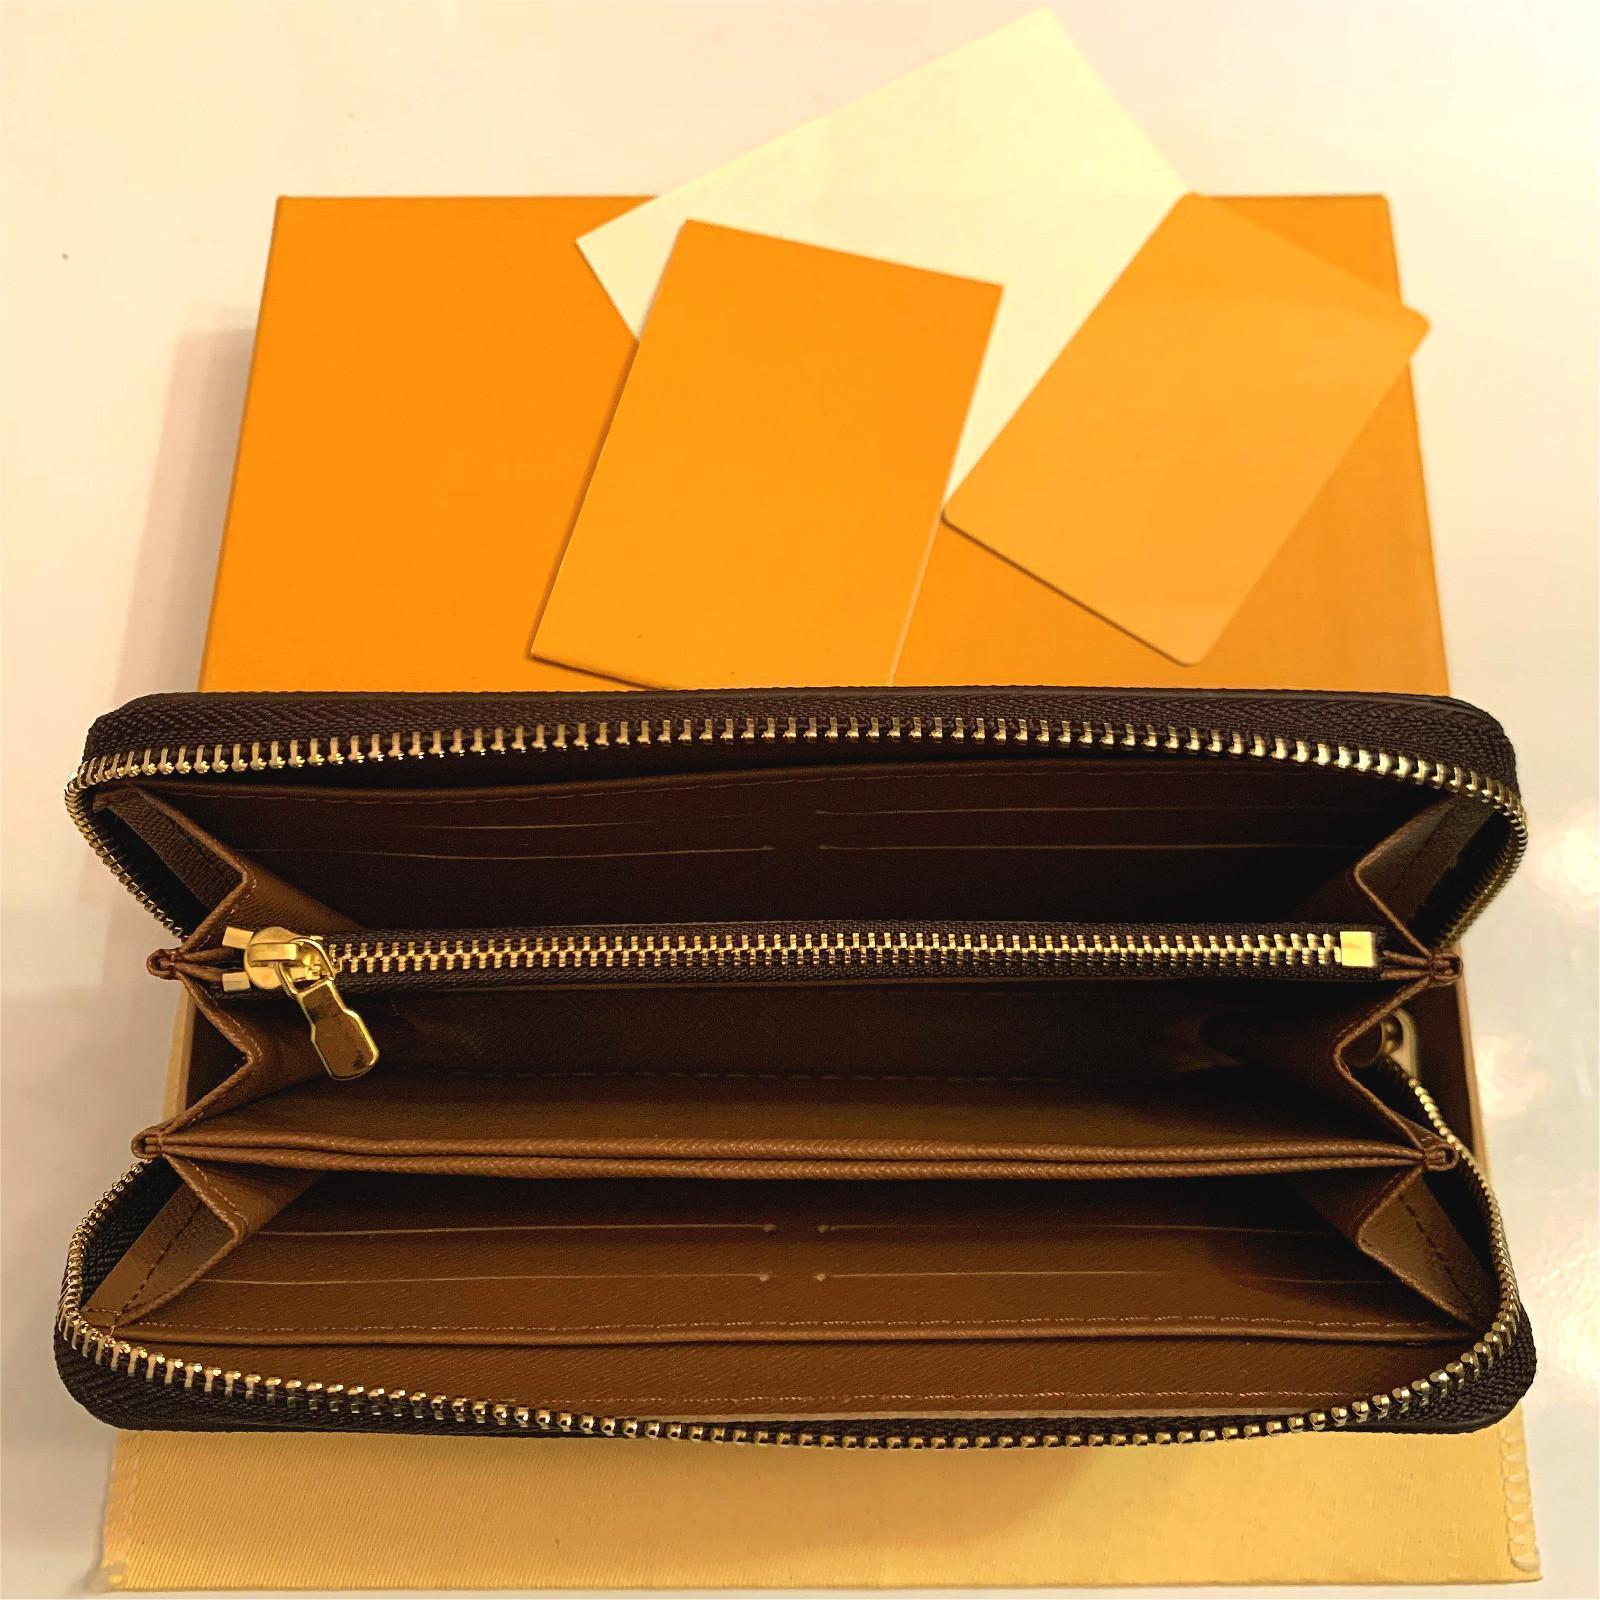 Высококачественные дизайнеры Clemence PU кожаные одиночные кошельки на молнии роскошные монеты монеты держатель карты длинный кошелек сцепления с коробкой серийный номер 60017